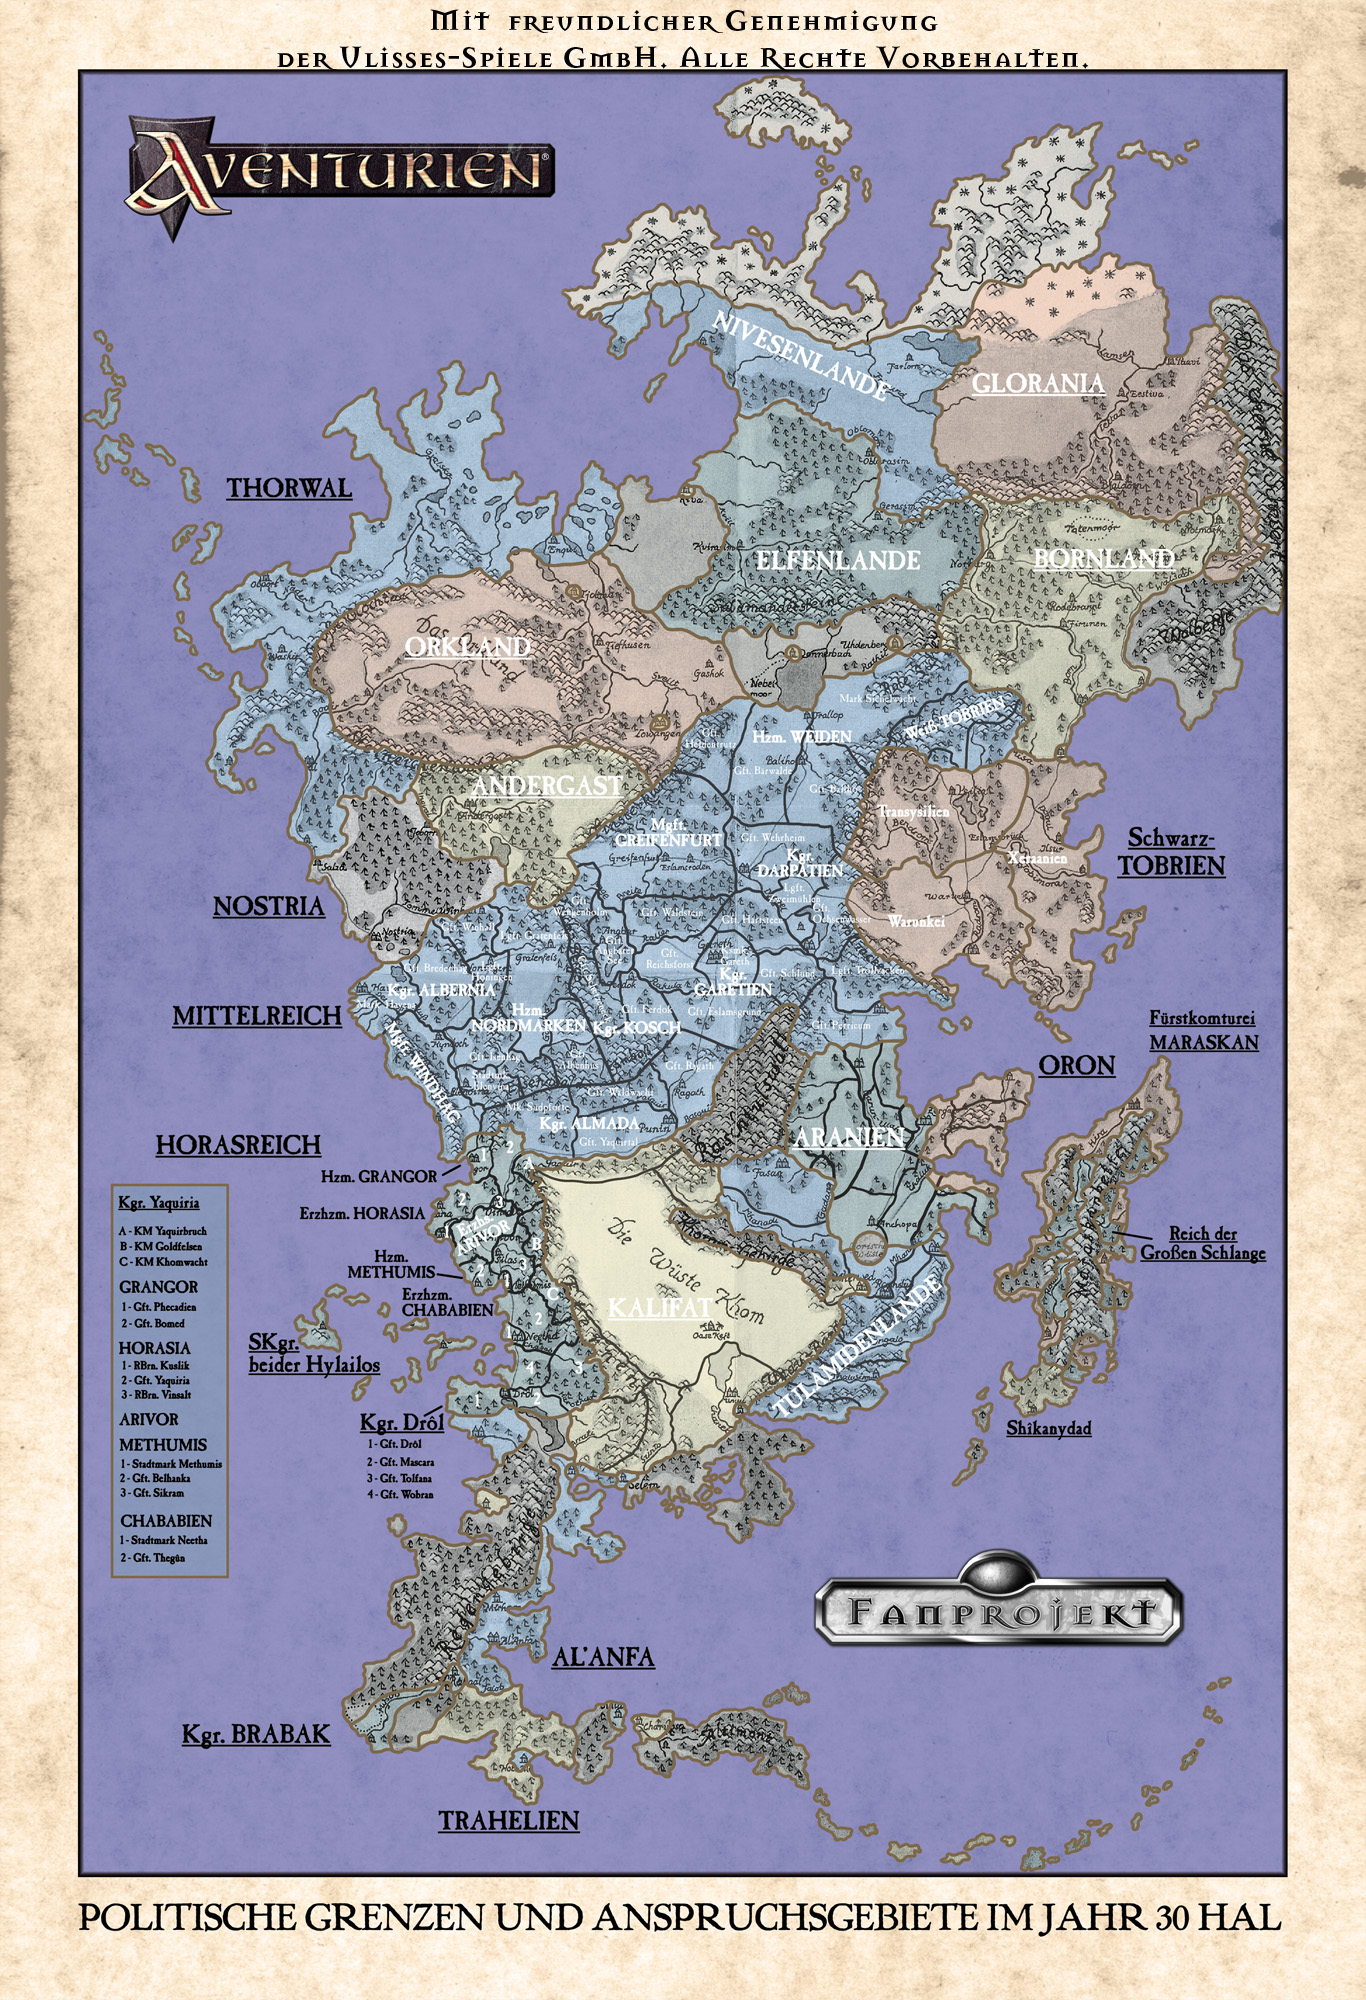 Politische Karte Aventuriens 30 Hal In Aventurien World Anvil